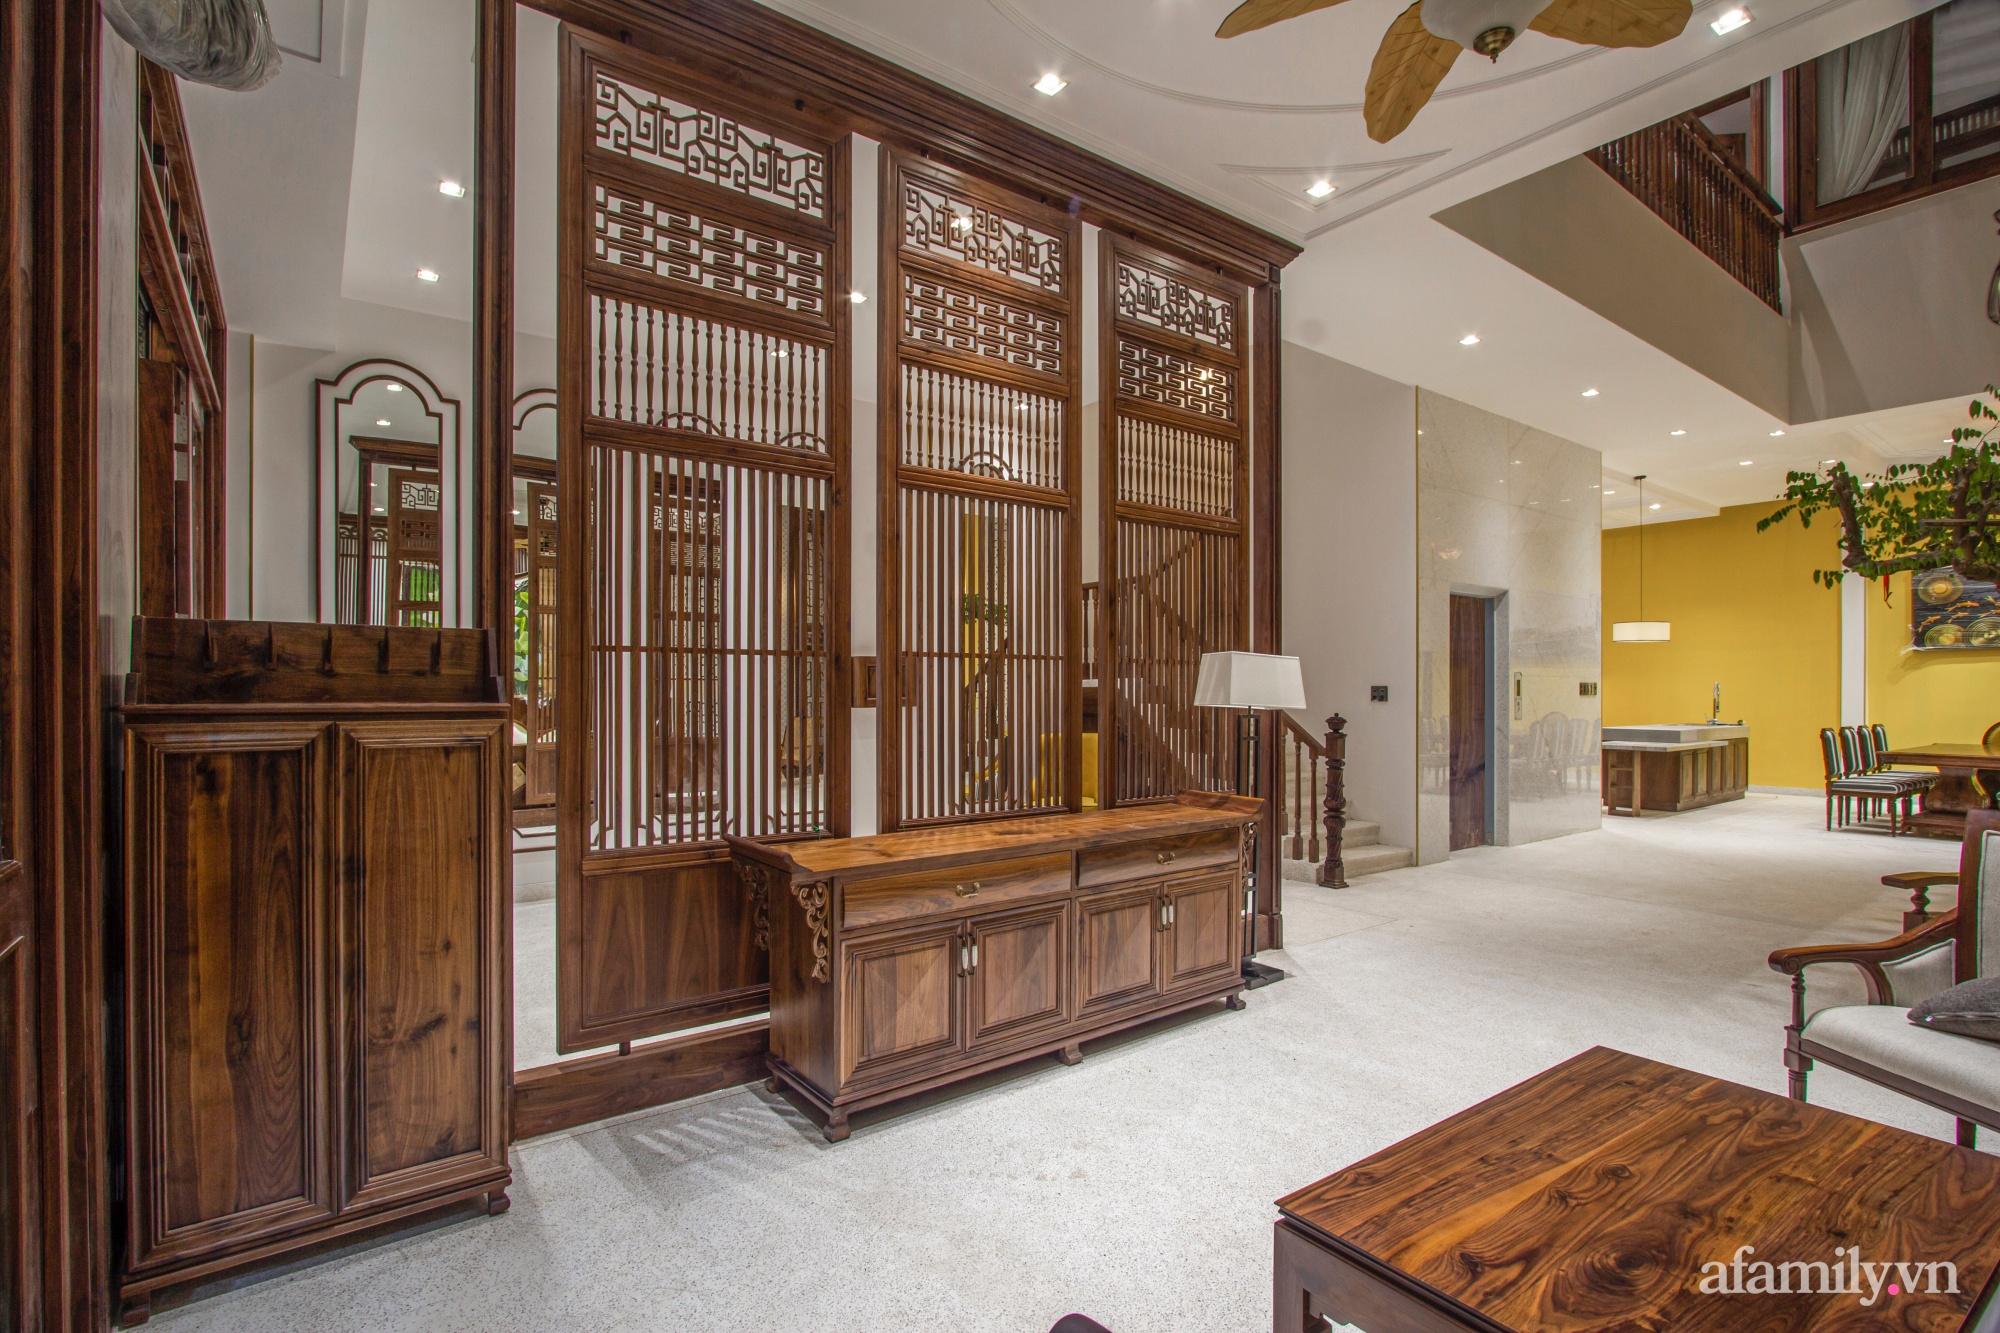 Nhà phố 8x16m đẹp bình yên, tĩnh tại mang hơi hướng của Đạo Phật và phong cách Á Đông ở Buôn Ma Thuột - Ảnh 7.